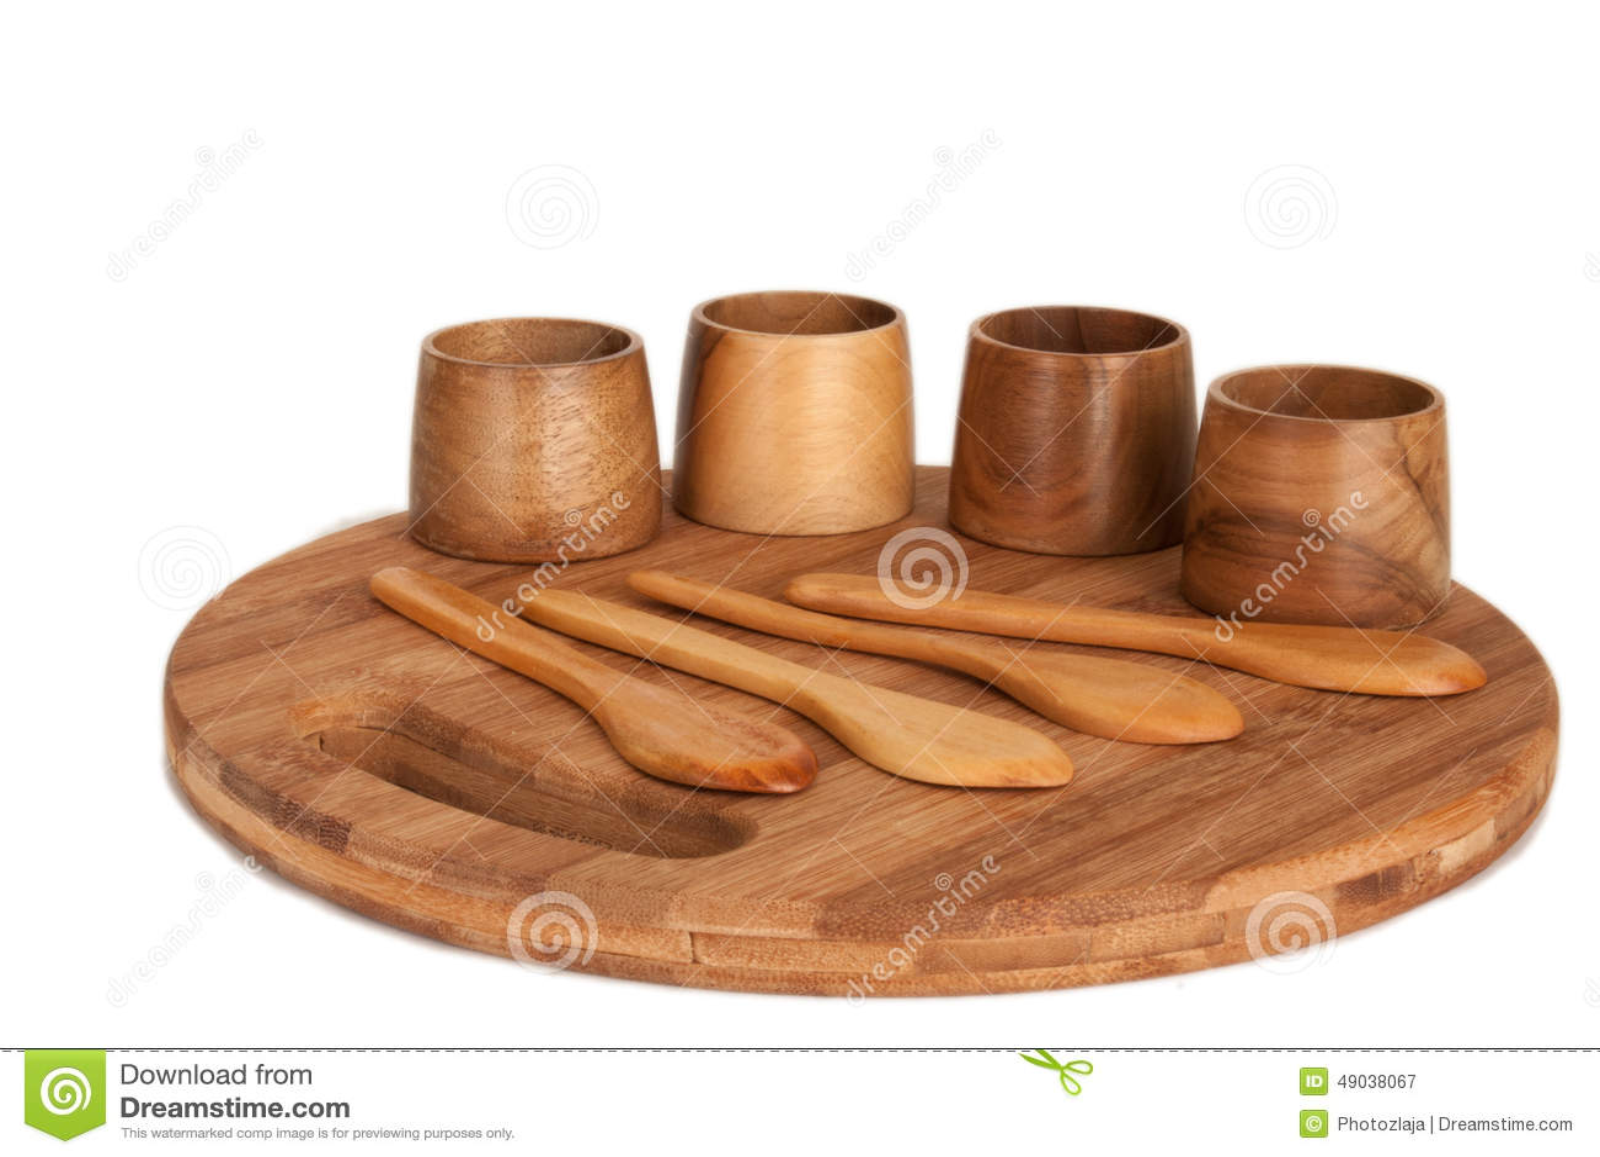 Utensilios antiguos de madera de la cocina foto de archivo for Utensilios antiguos de cocina